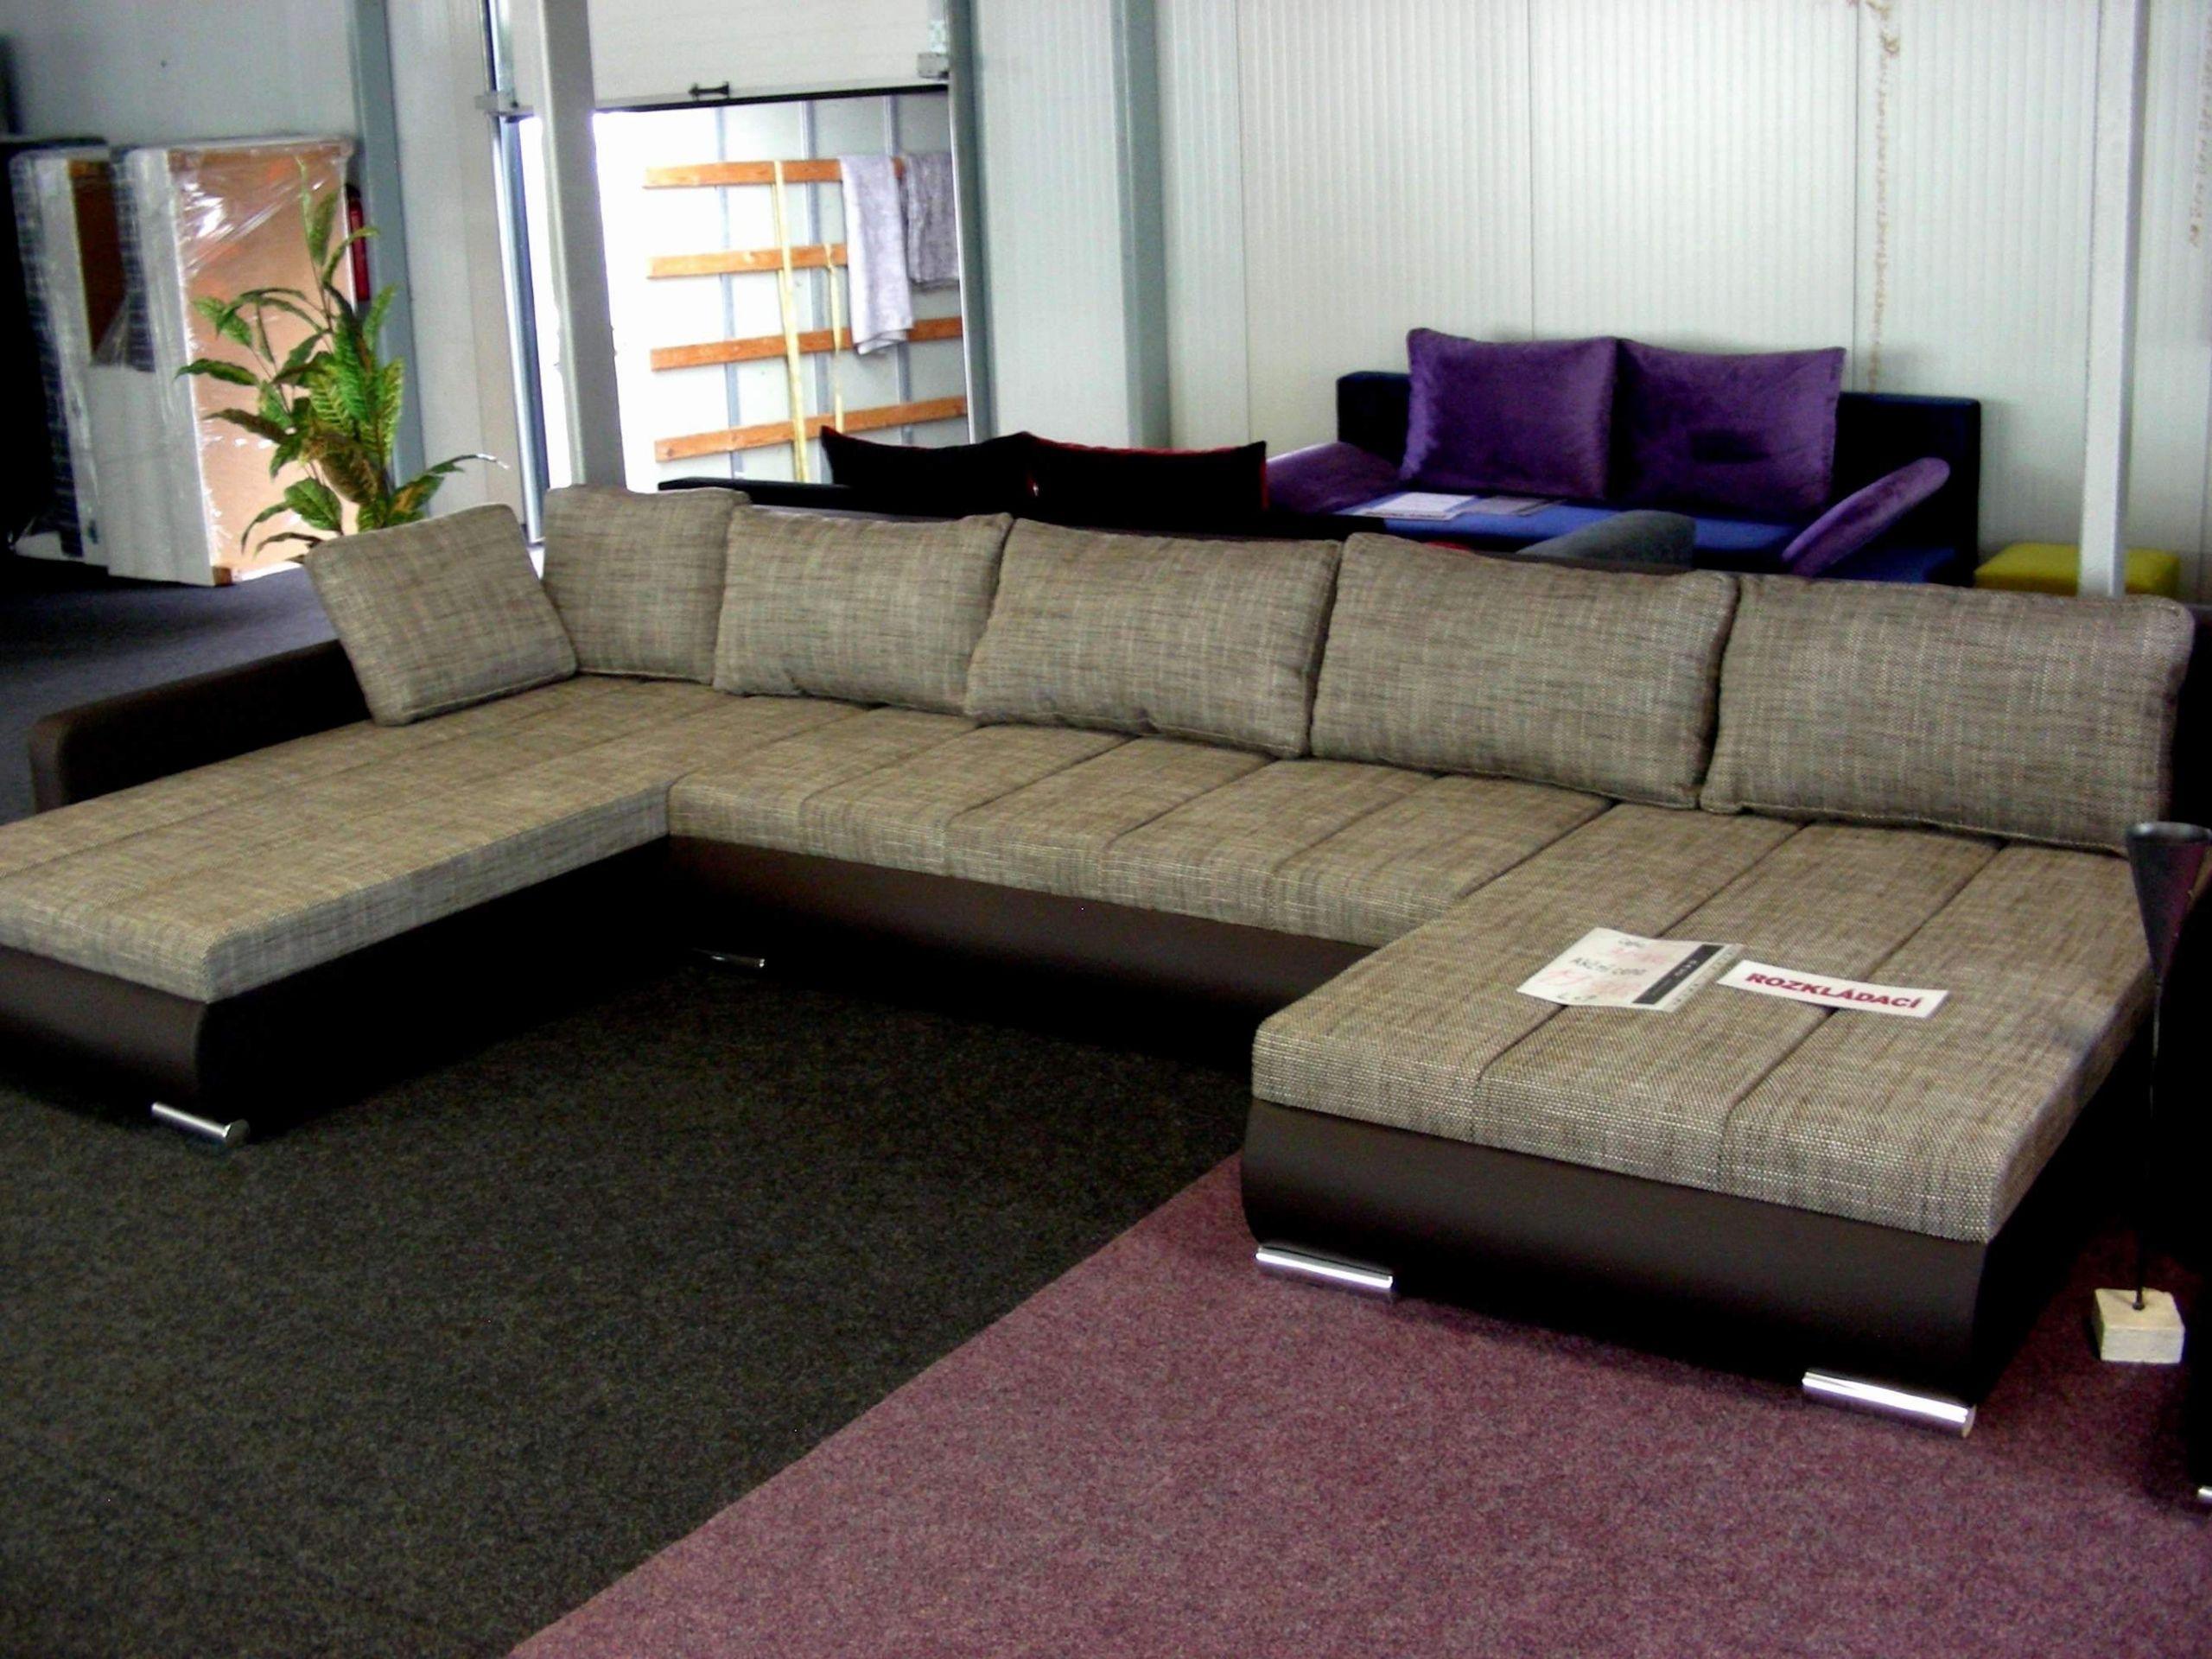 tapeten fur wohnzimmer ideen luxus das beste von tapeten fur wohnzimmer of tapeten fur wohnzimmer ideen